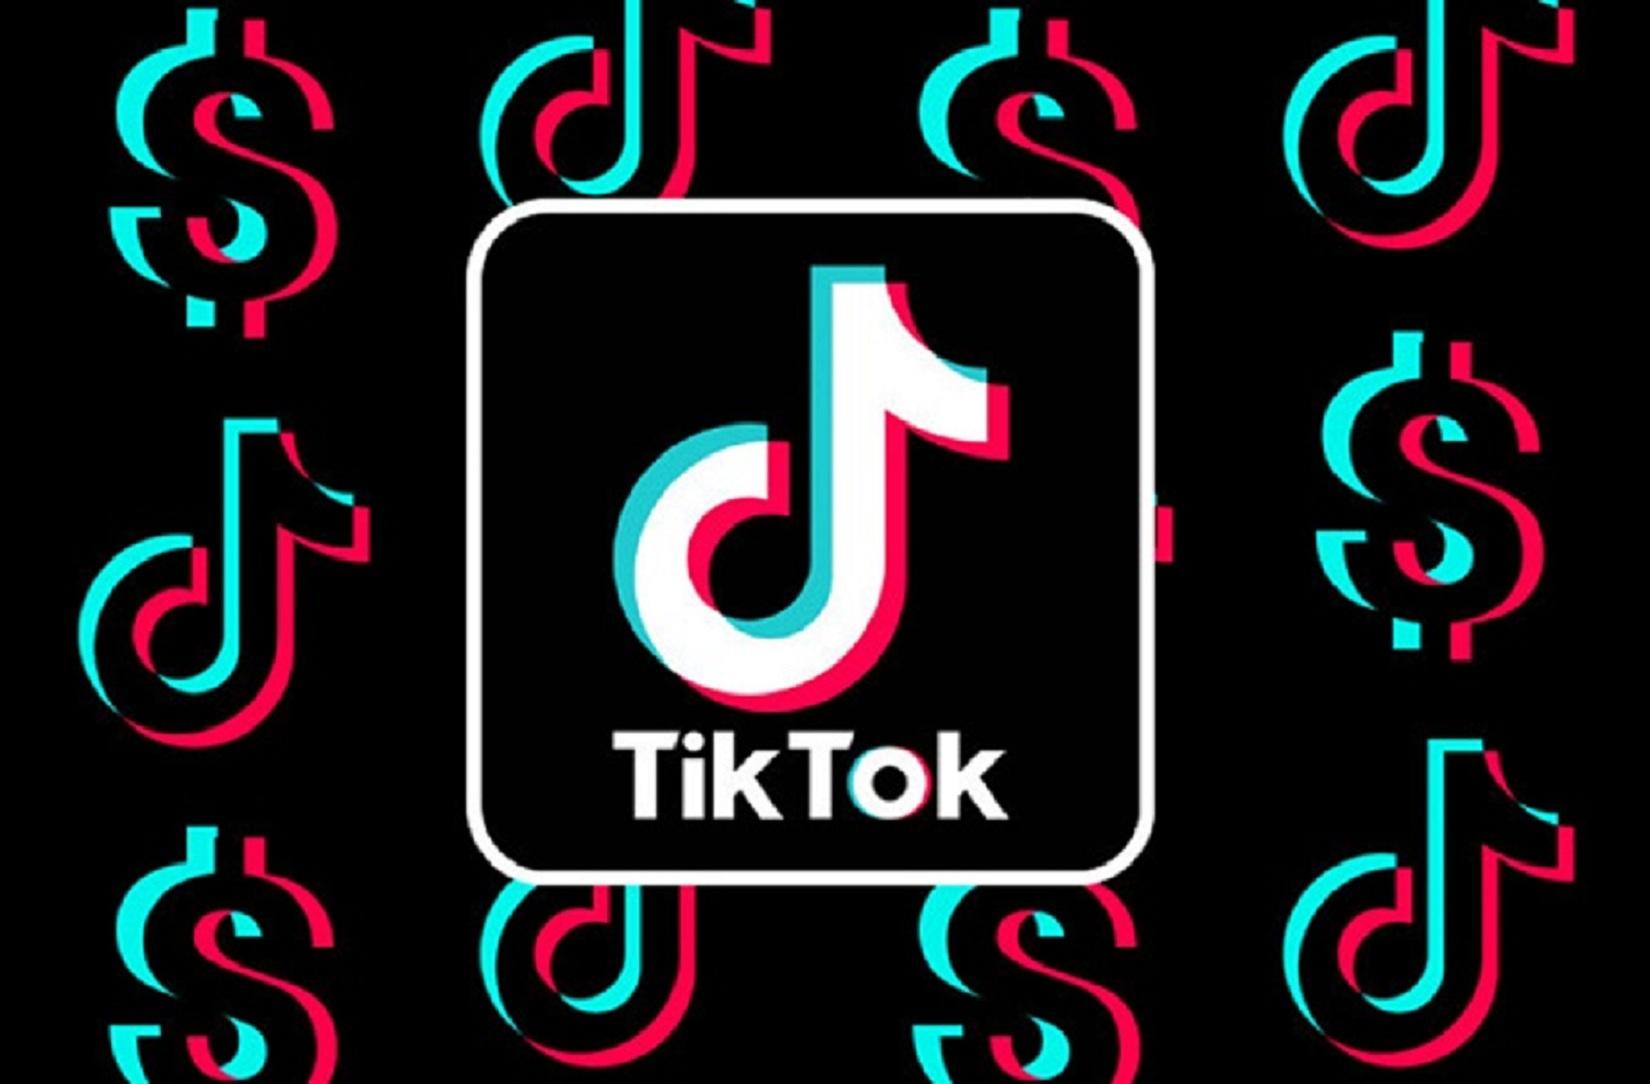 Tik Tok запустив освітній контент